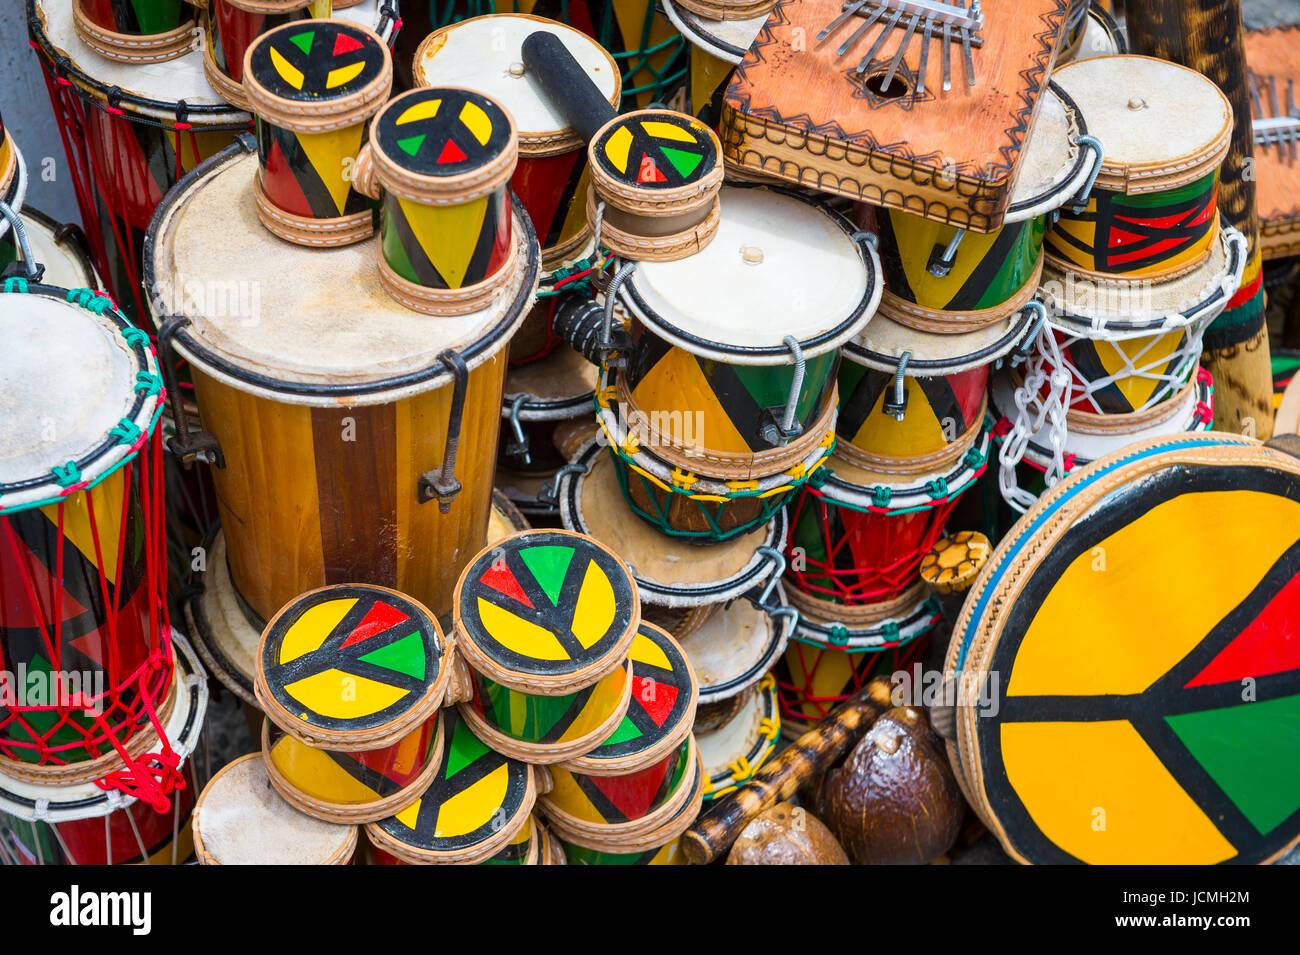 Tamburi di afro-brasiliana e strumenti musicali impilati nello storico quartiere turistico di Pelourinho, Salvador, Immagini Stock